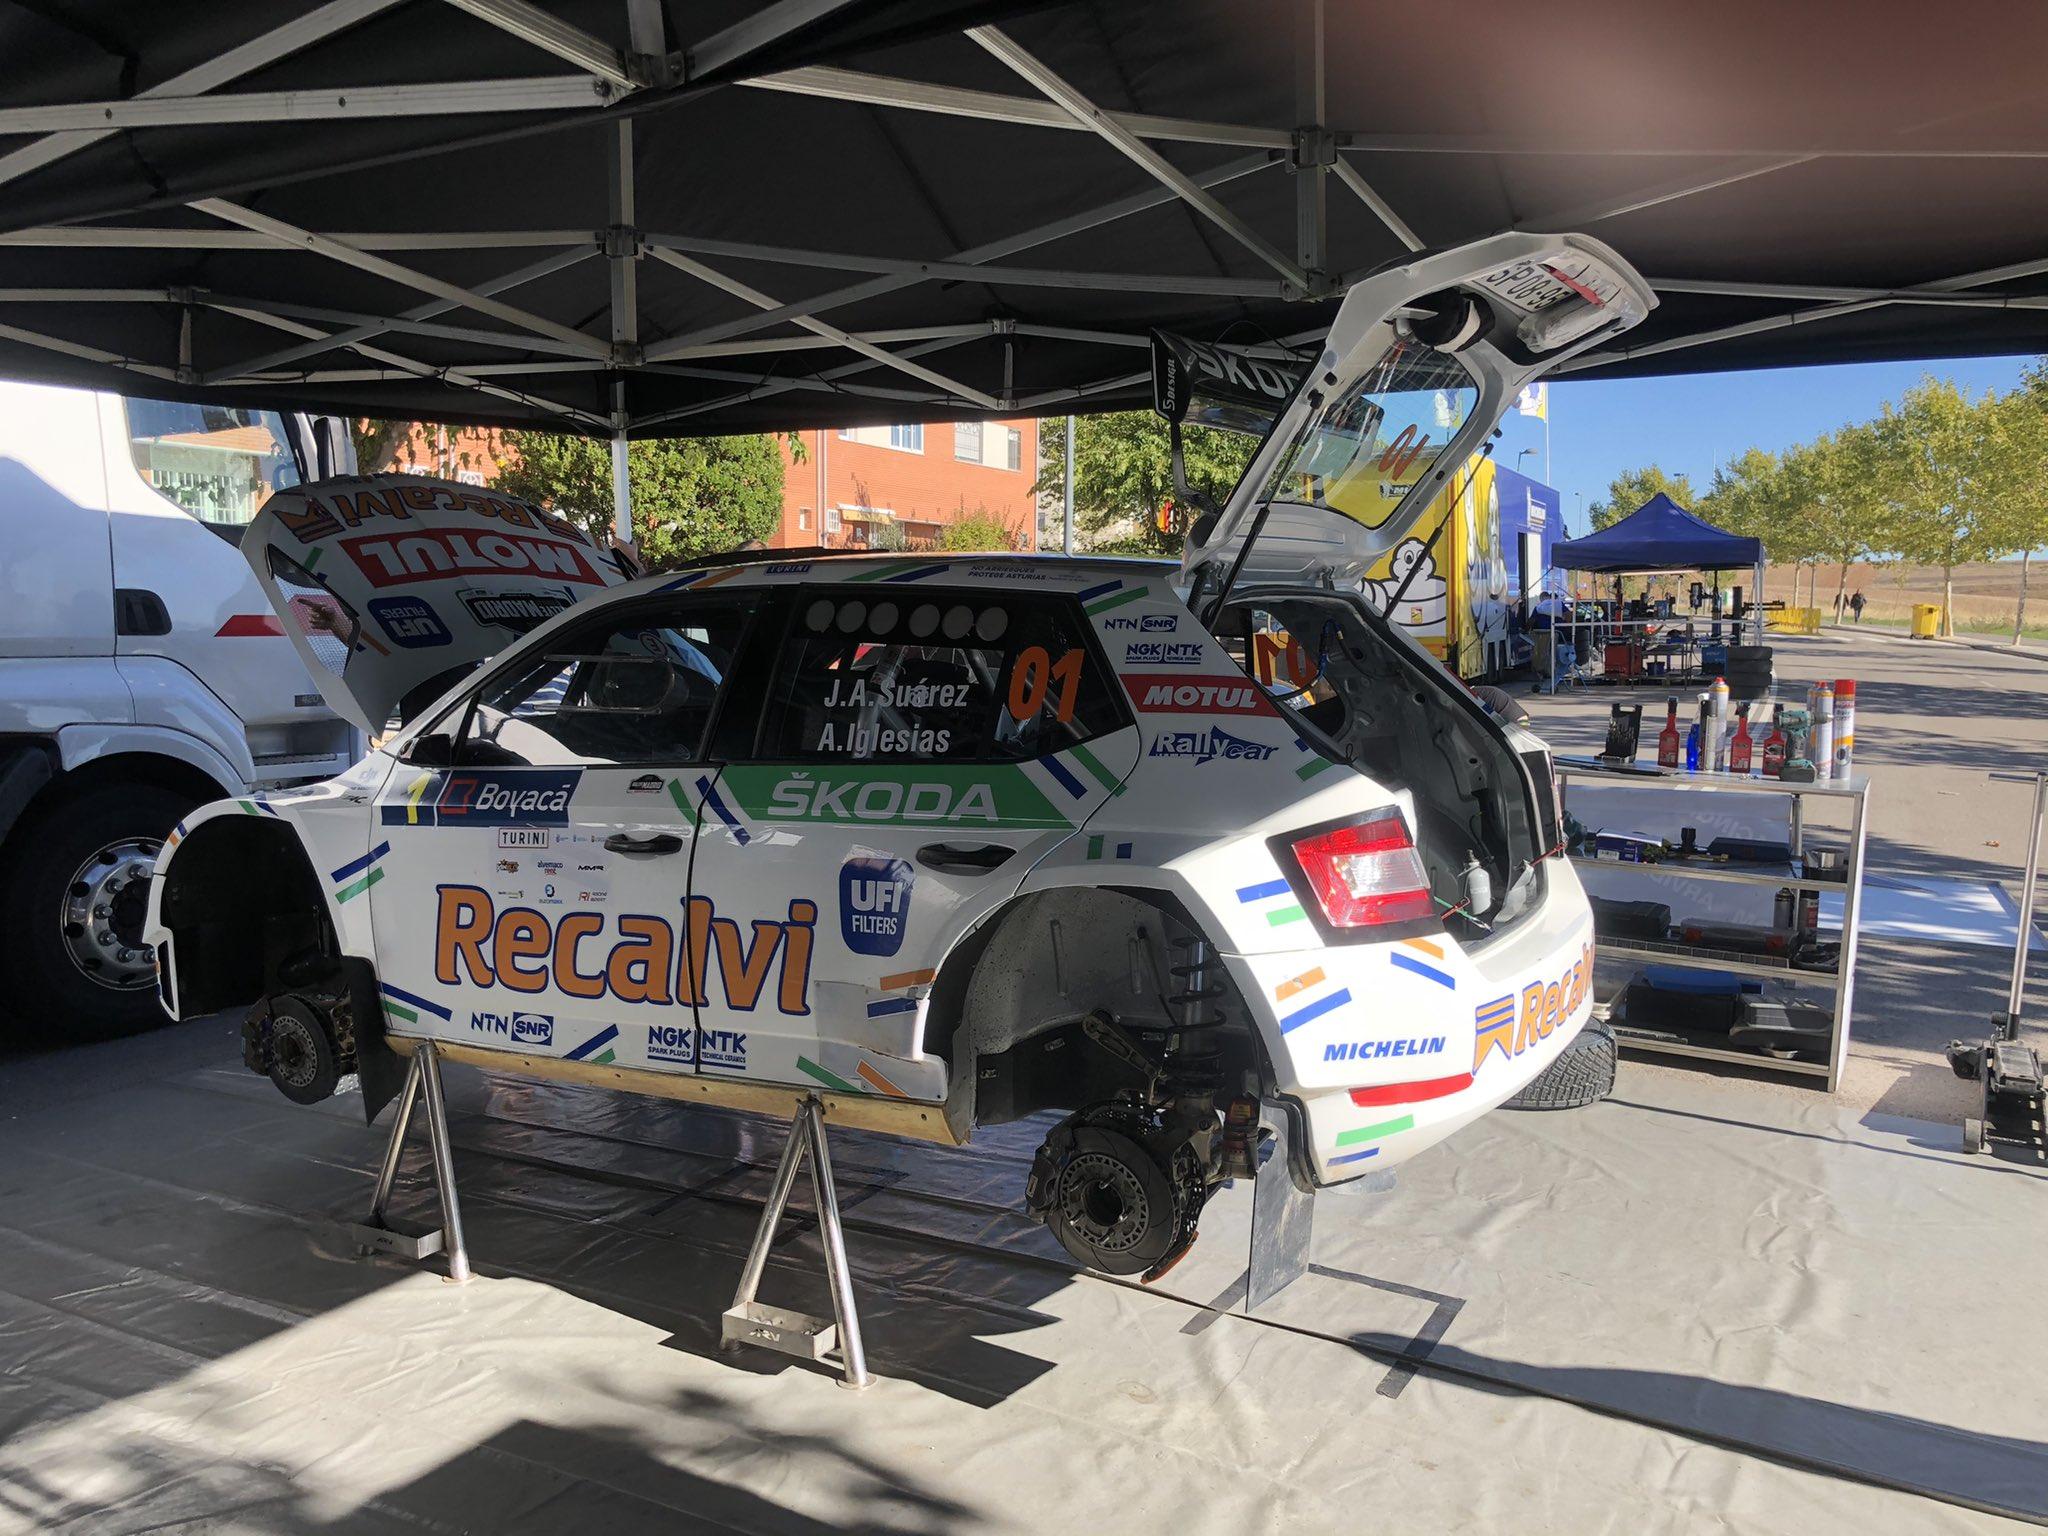 SCER + CERT: Rallye de Tierra de Madrid [8-9 Octubre] FBKw_d5WYBUG3k7?format=jpg&name=large